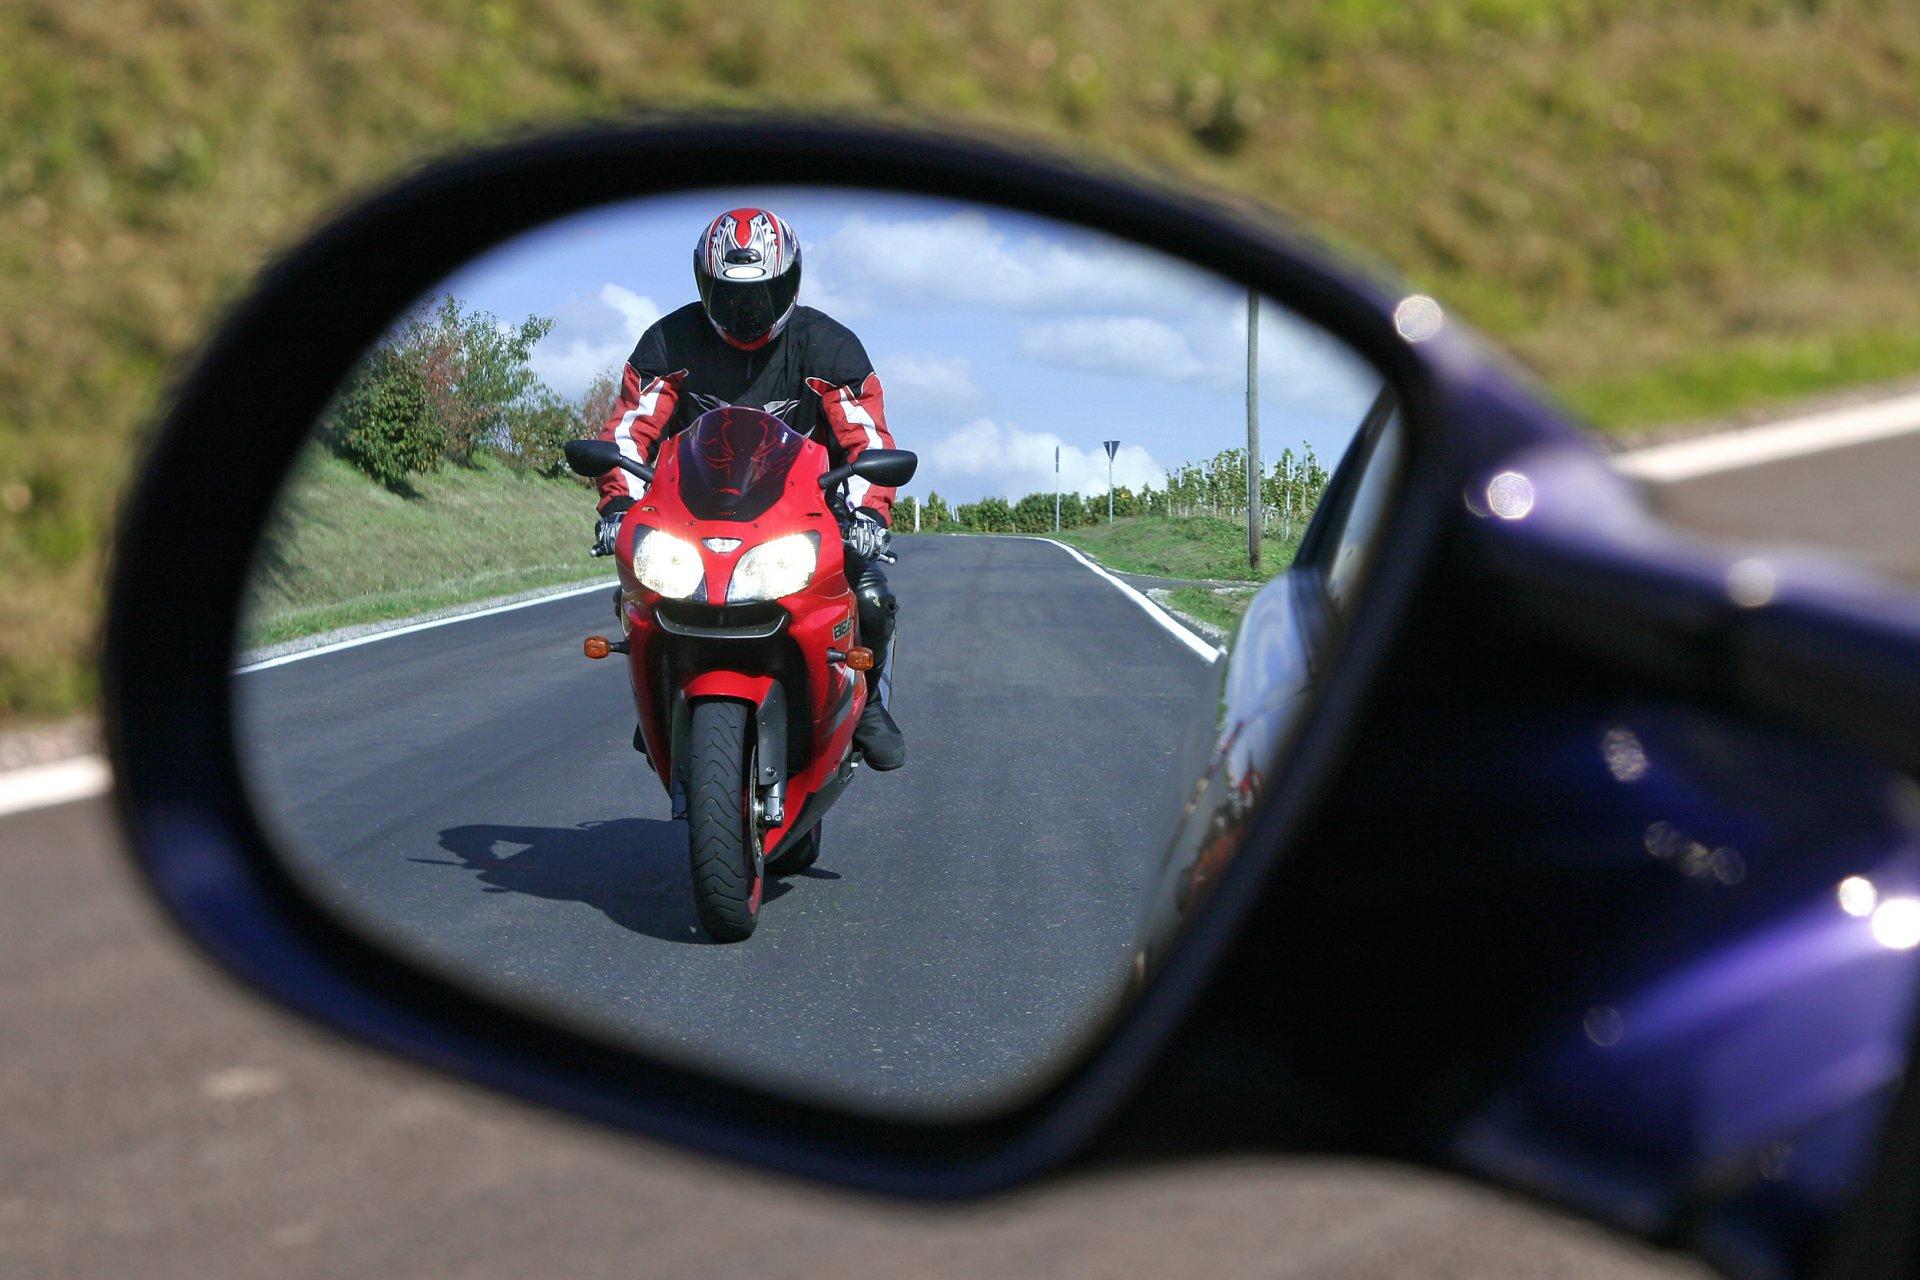 Le dépassement en moto, quelques conseils - moto scooter ...